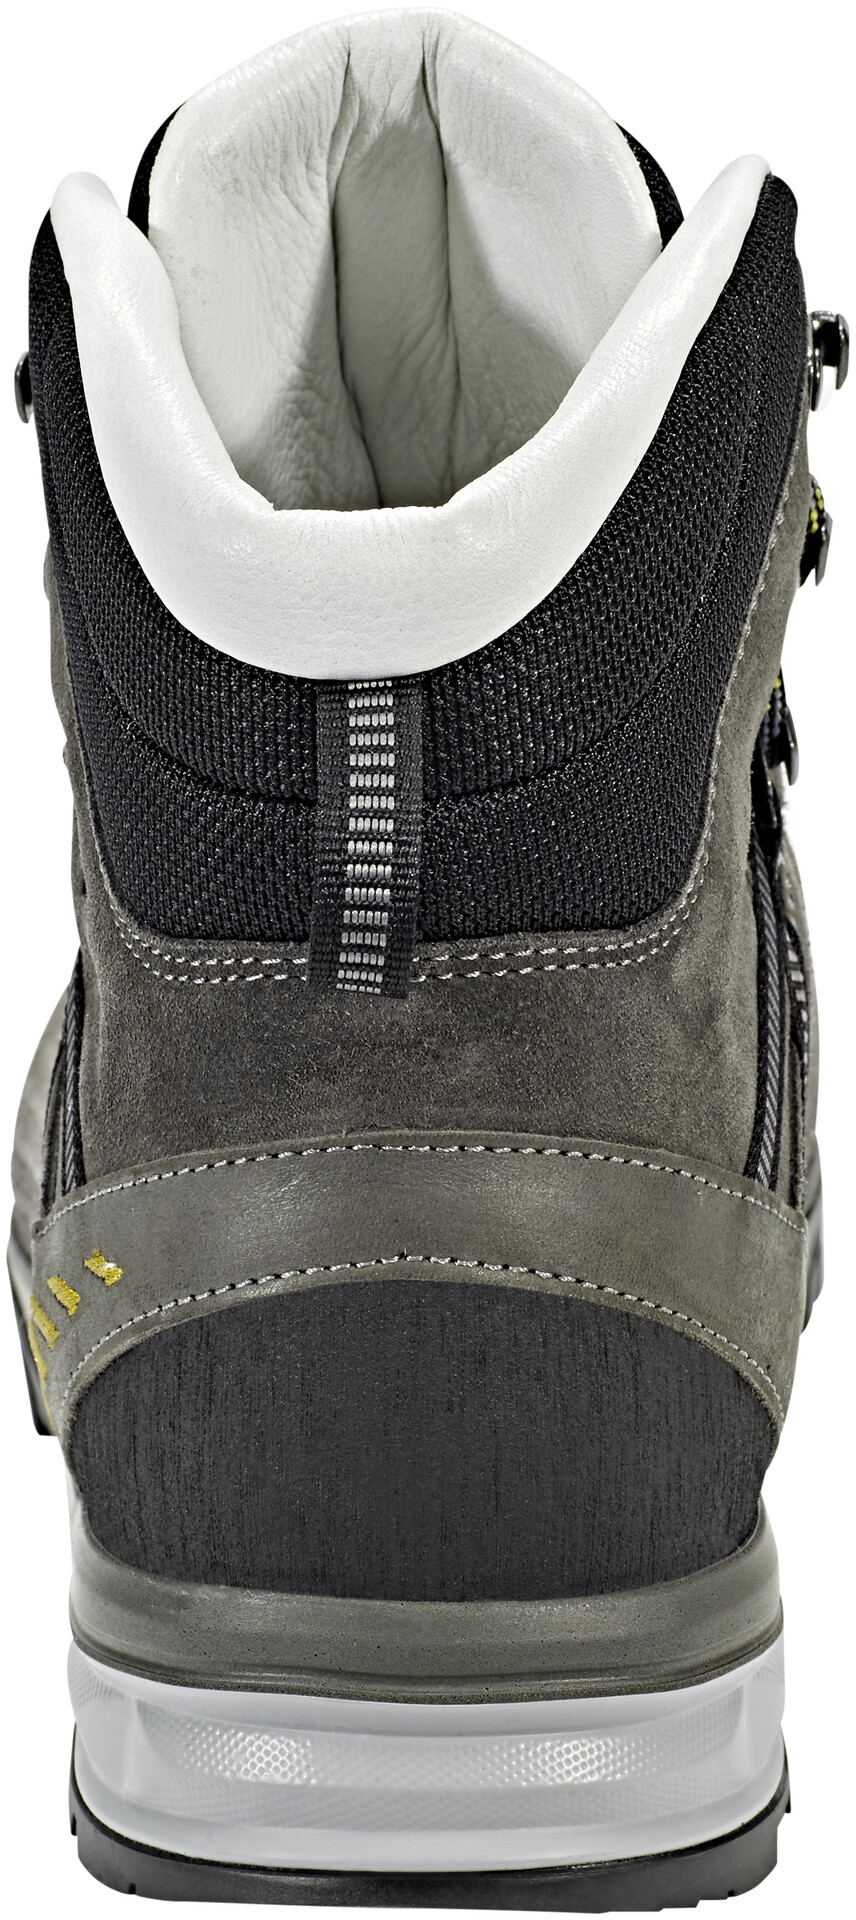 Mid Arco Shoes Anthracitekiwi Herren Lowa Ll fYby67g